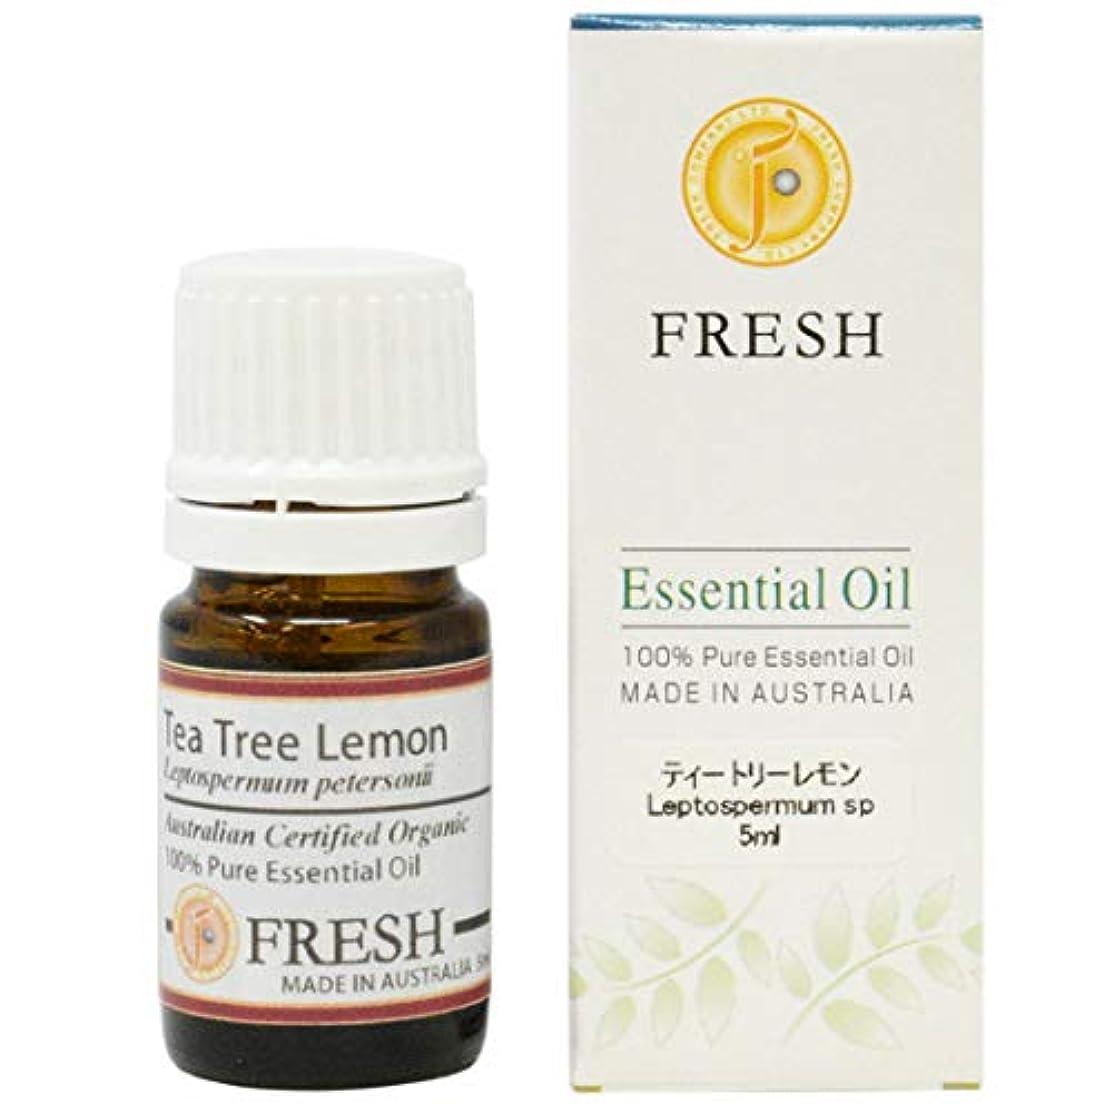 レコーダーギャングスター最大化するFRESH オーガニック エッセンシャルオイル ティートリーレモン 5ml (FRESH 精油)